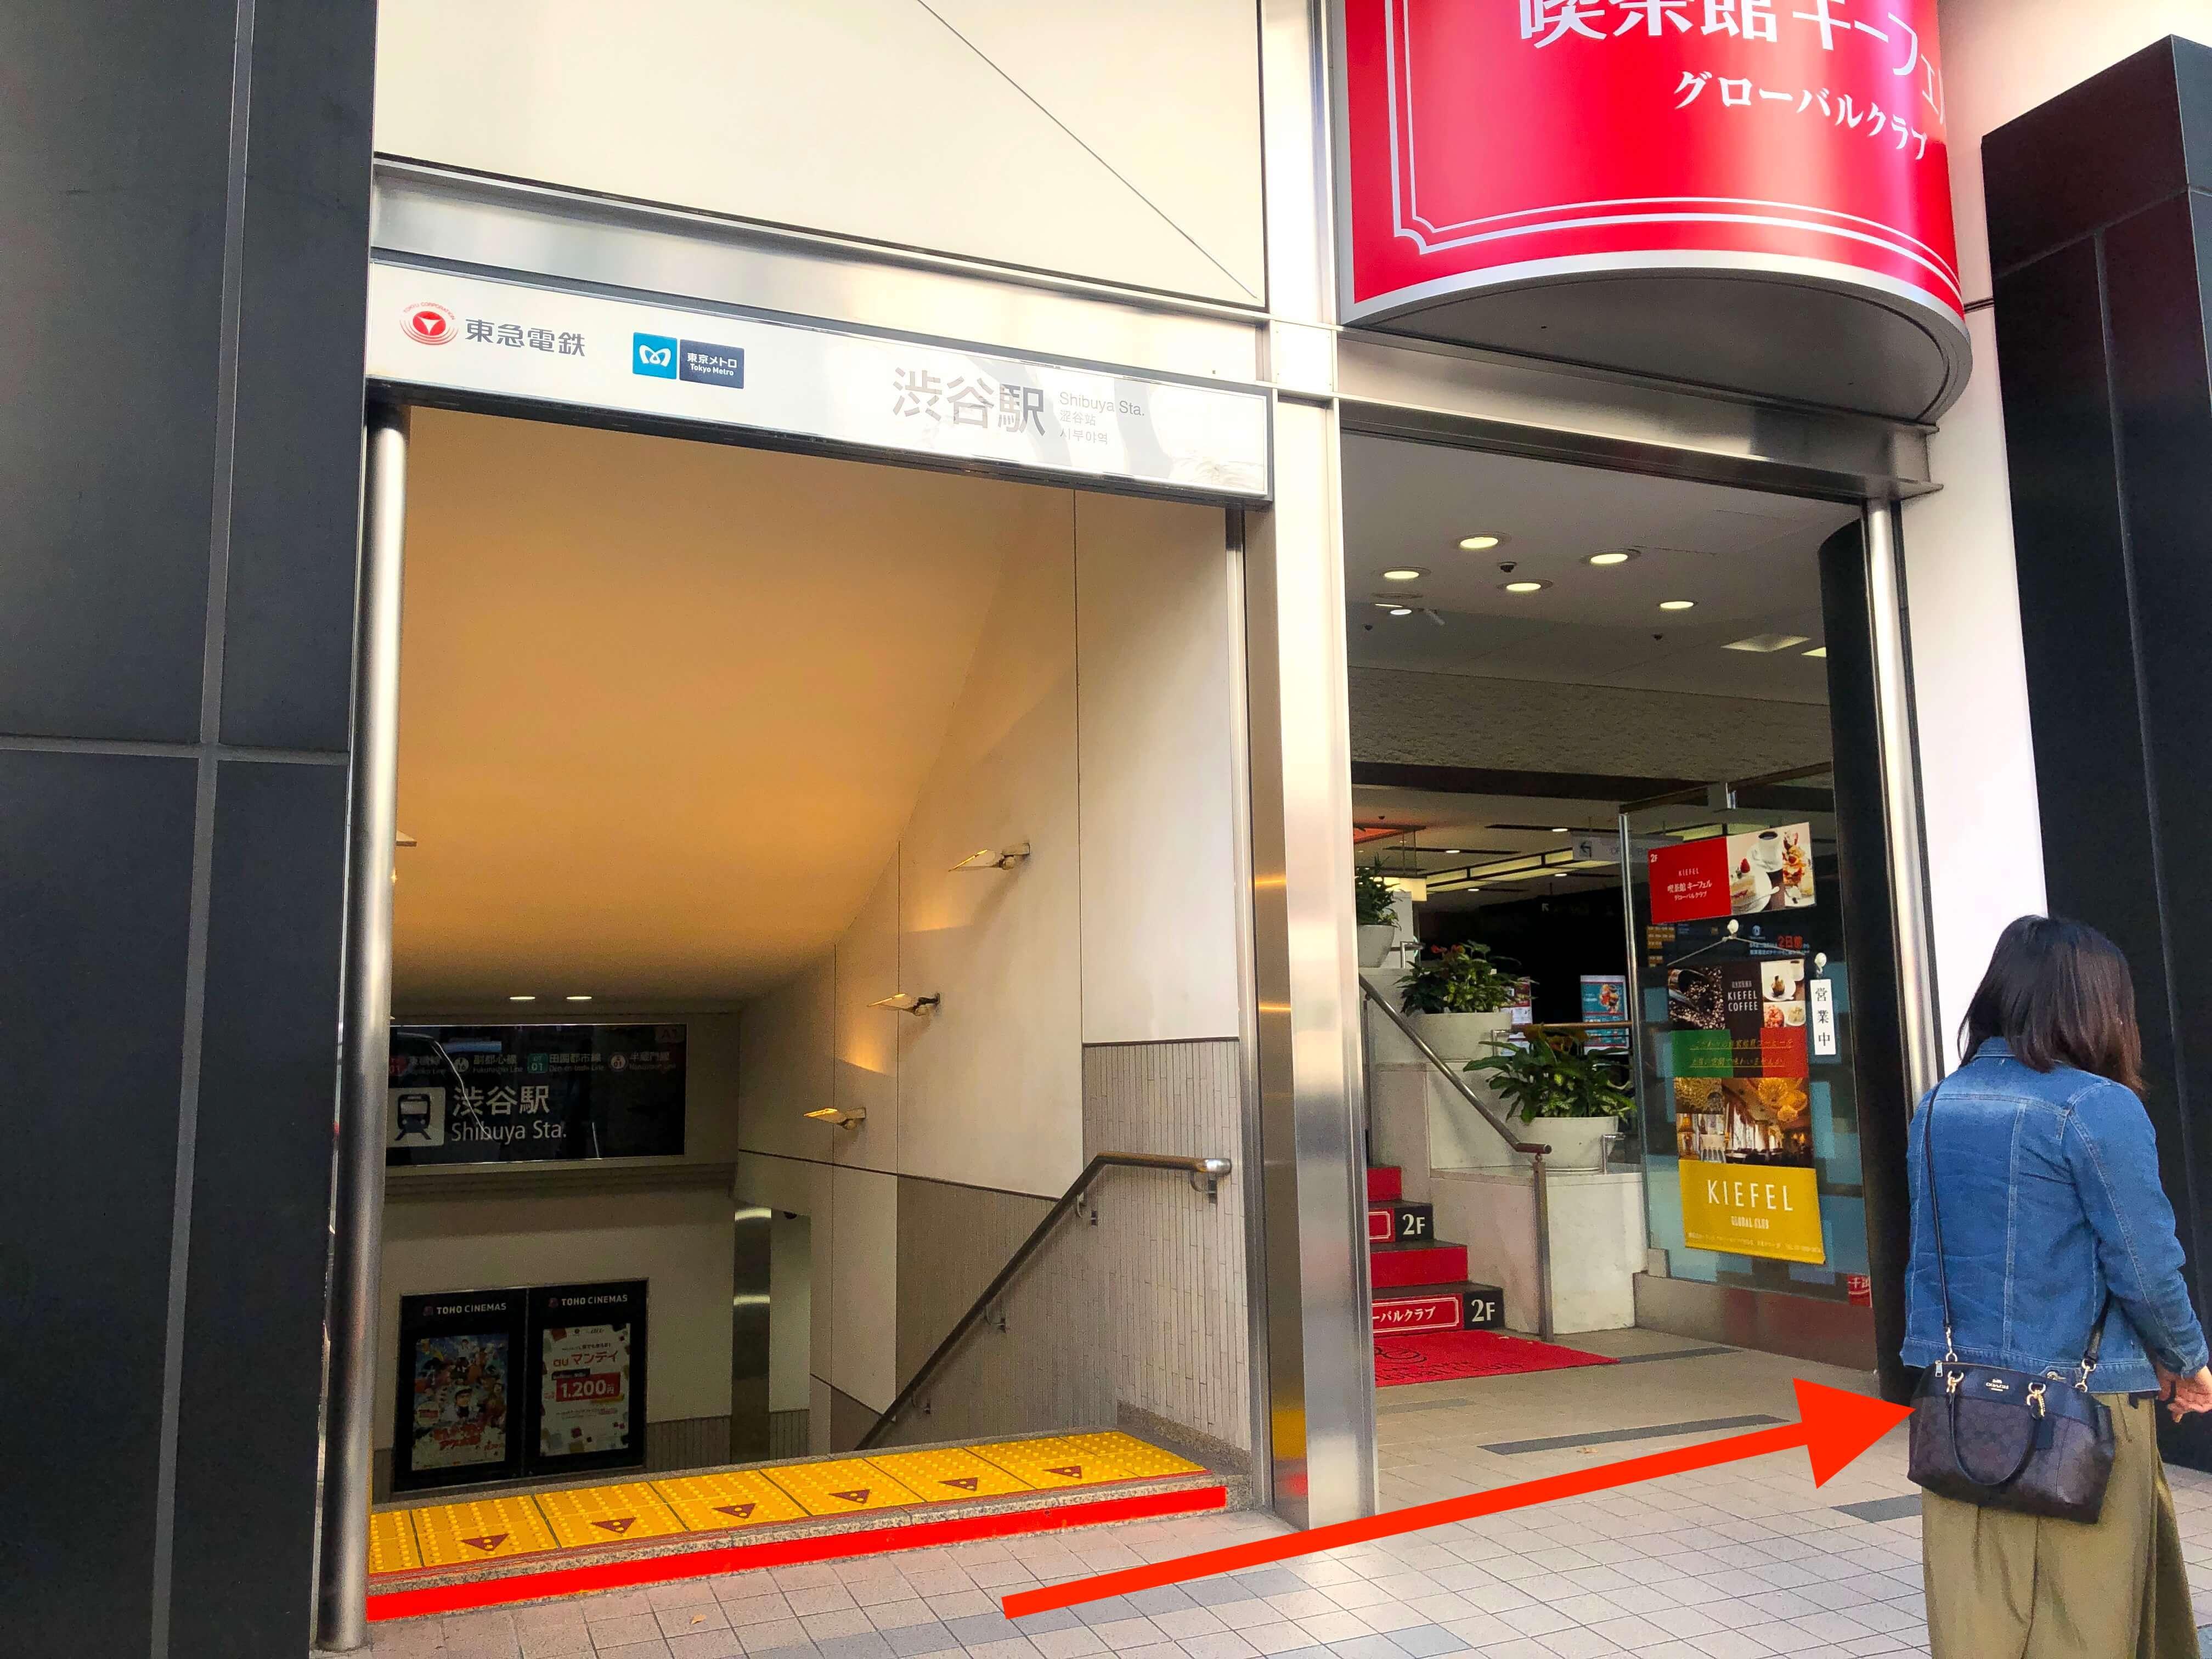 東京メトロ渋谷駅から行き方2